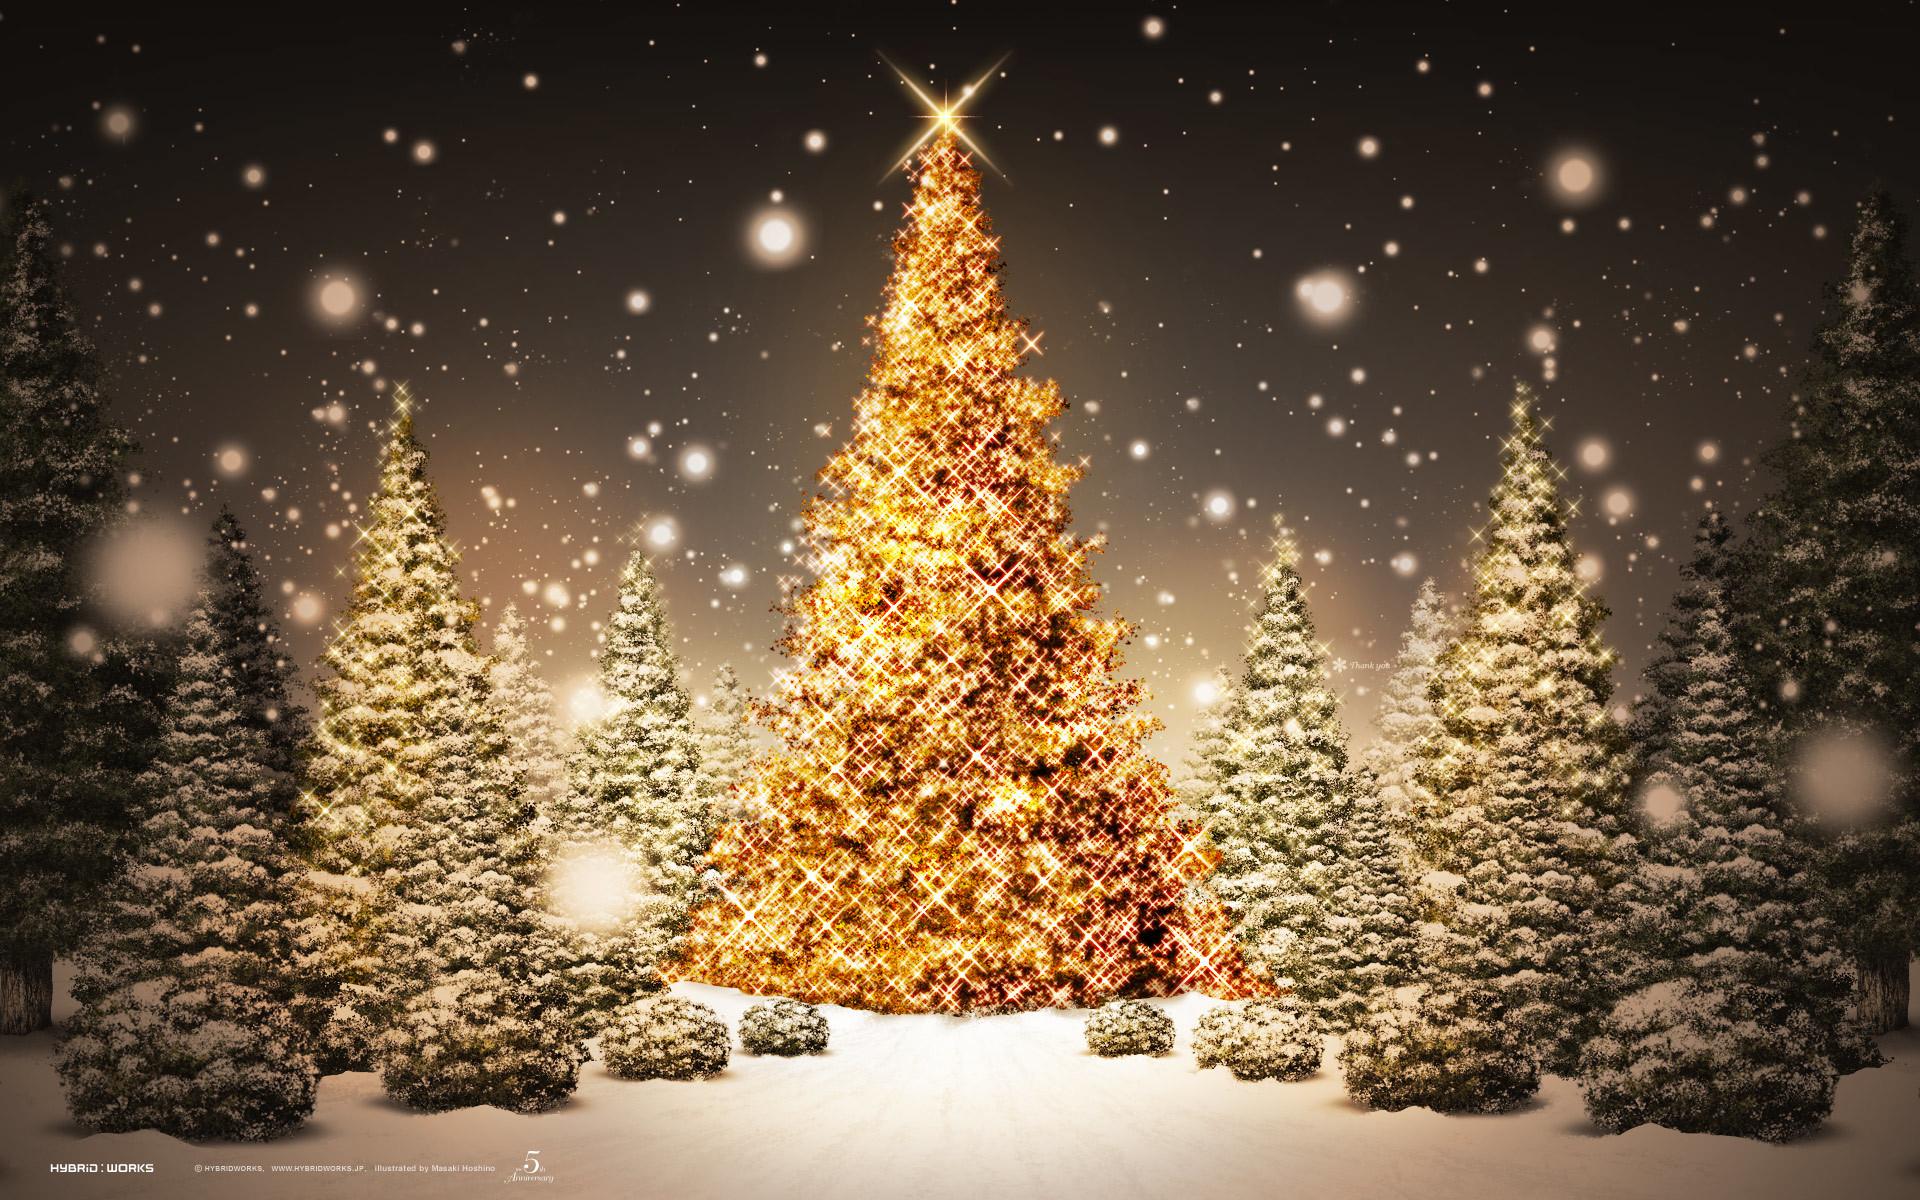 Yule (pronounced EWE-elle)/Winter Solstice Lore-December 20-23